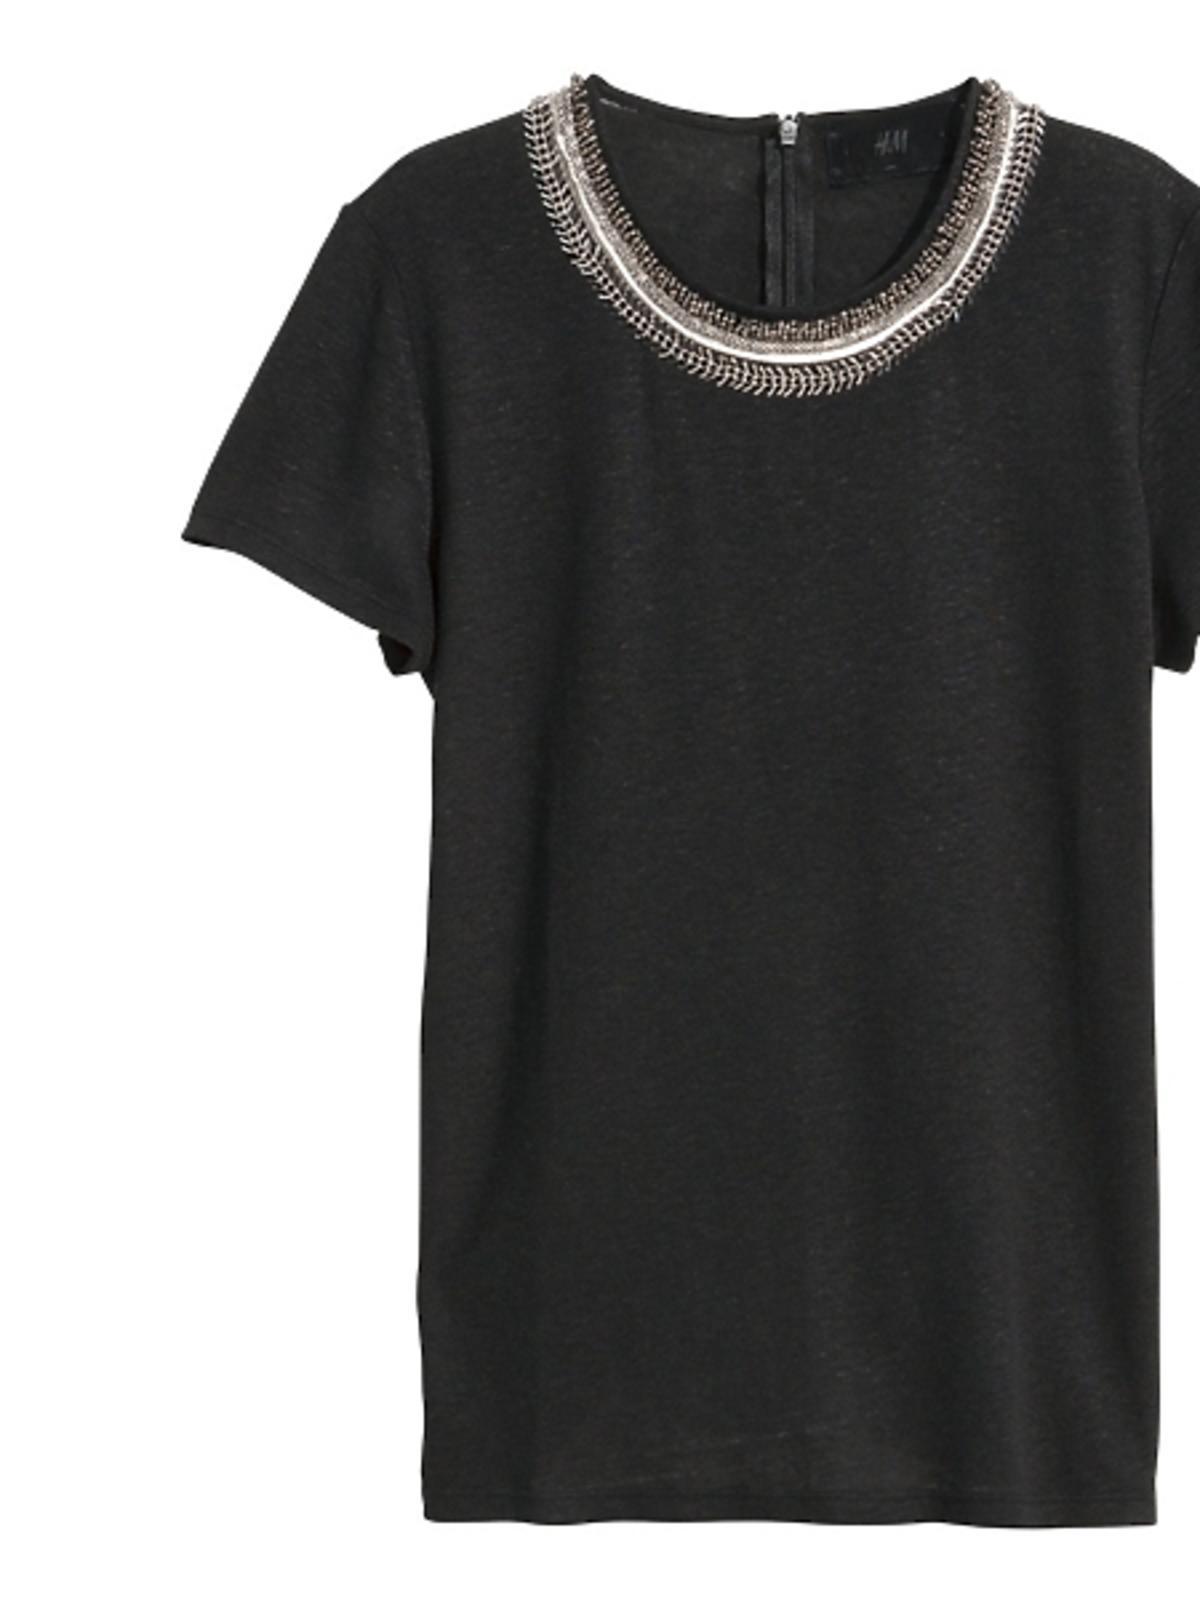 Czarna koszulka H&M, cena